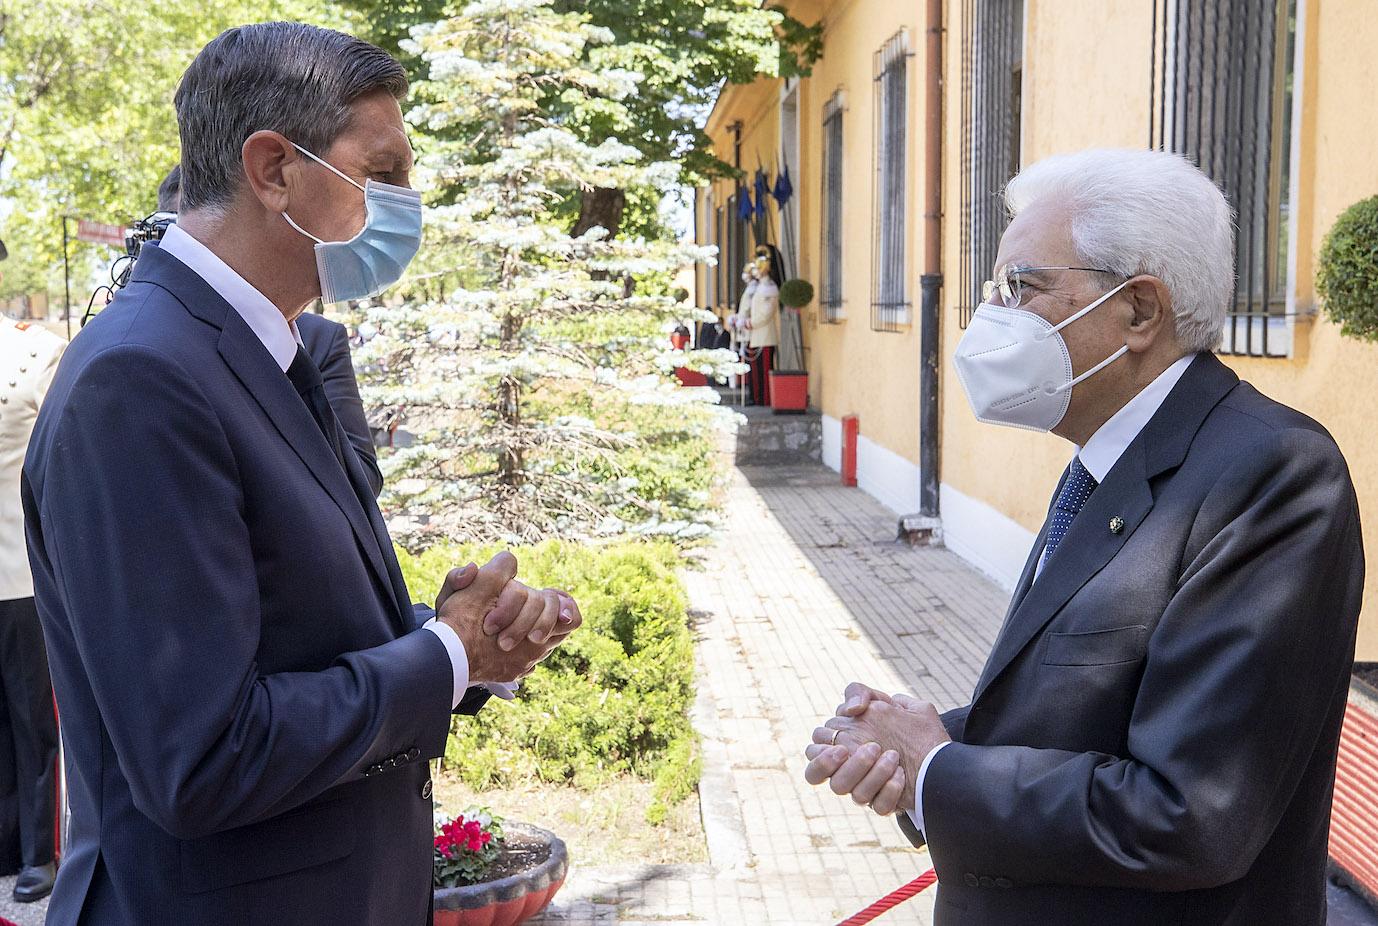 Immagine per Gorizia riabbraccia Mattarella, oggi la visita con l'amico Pahor